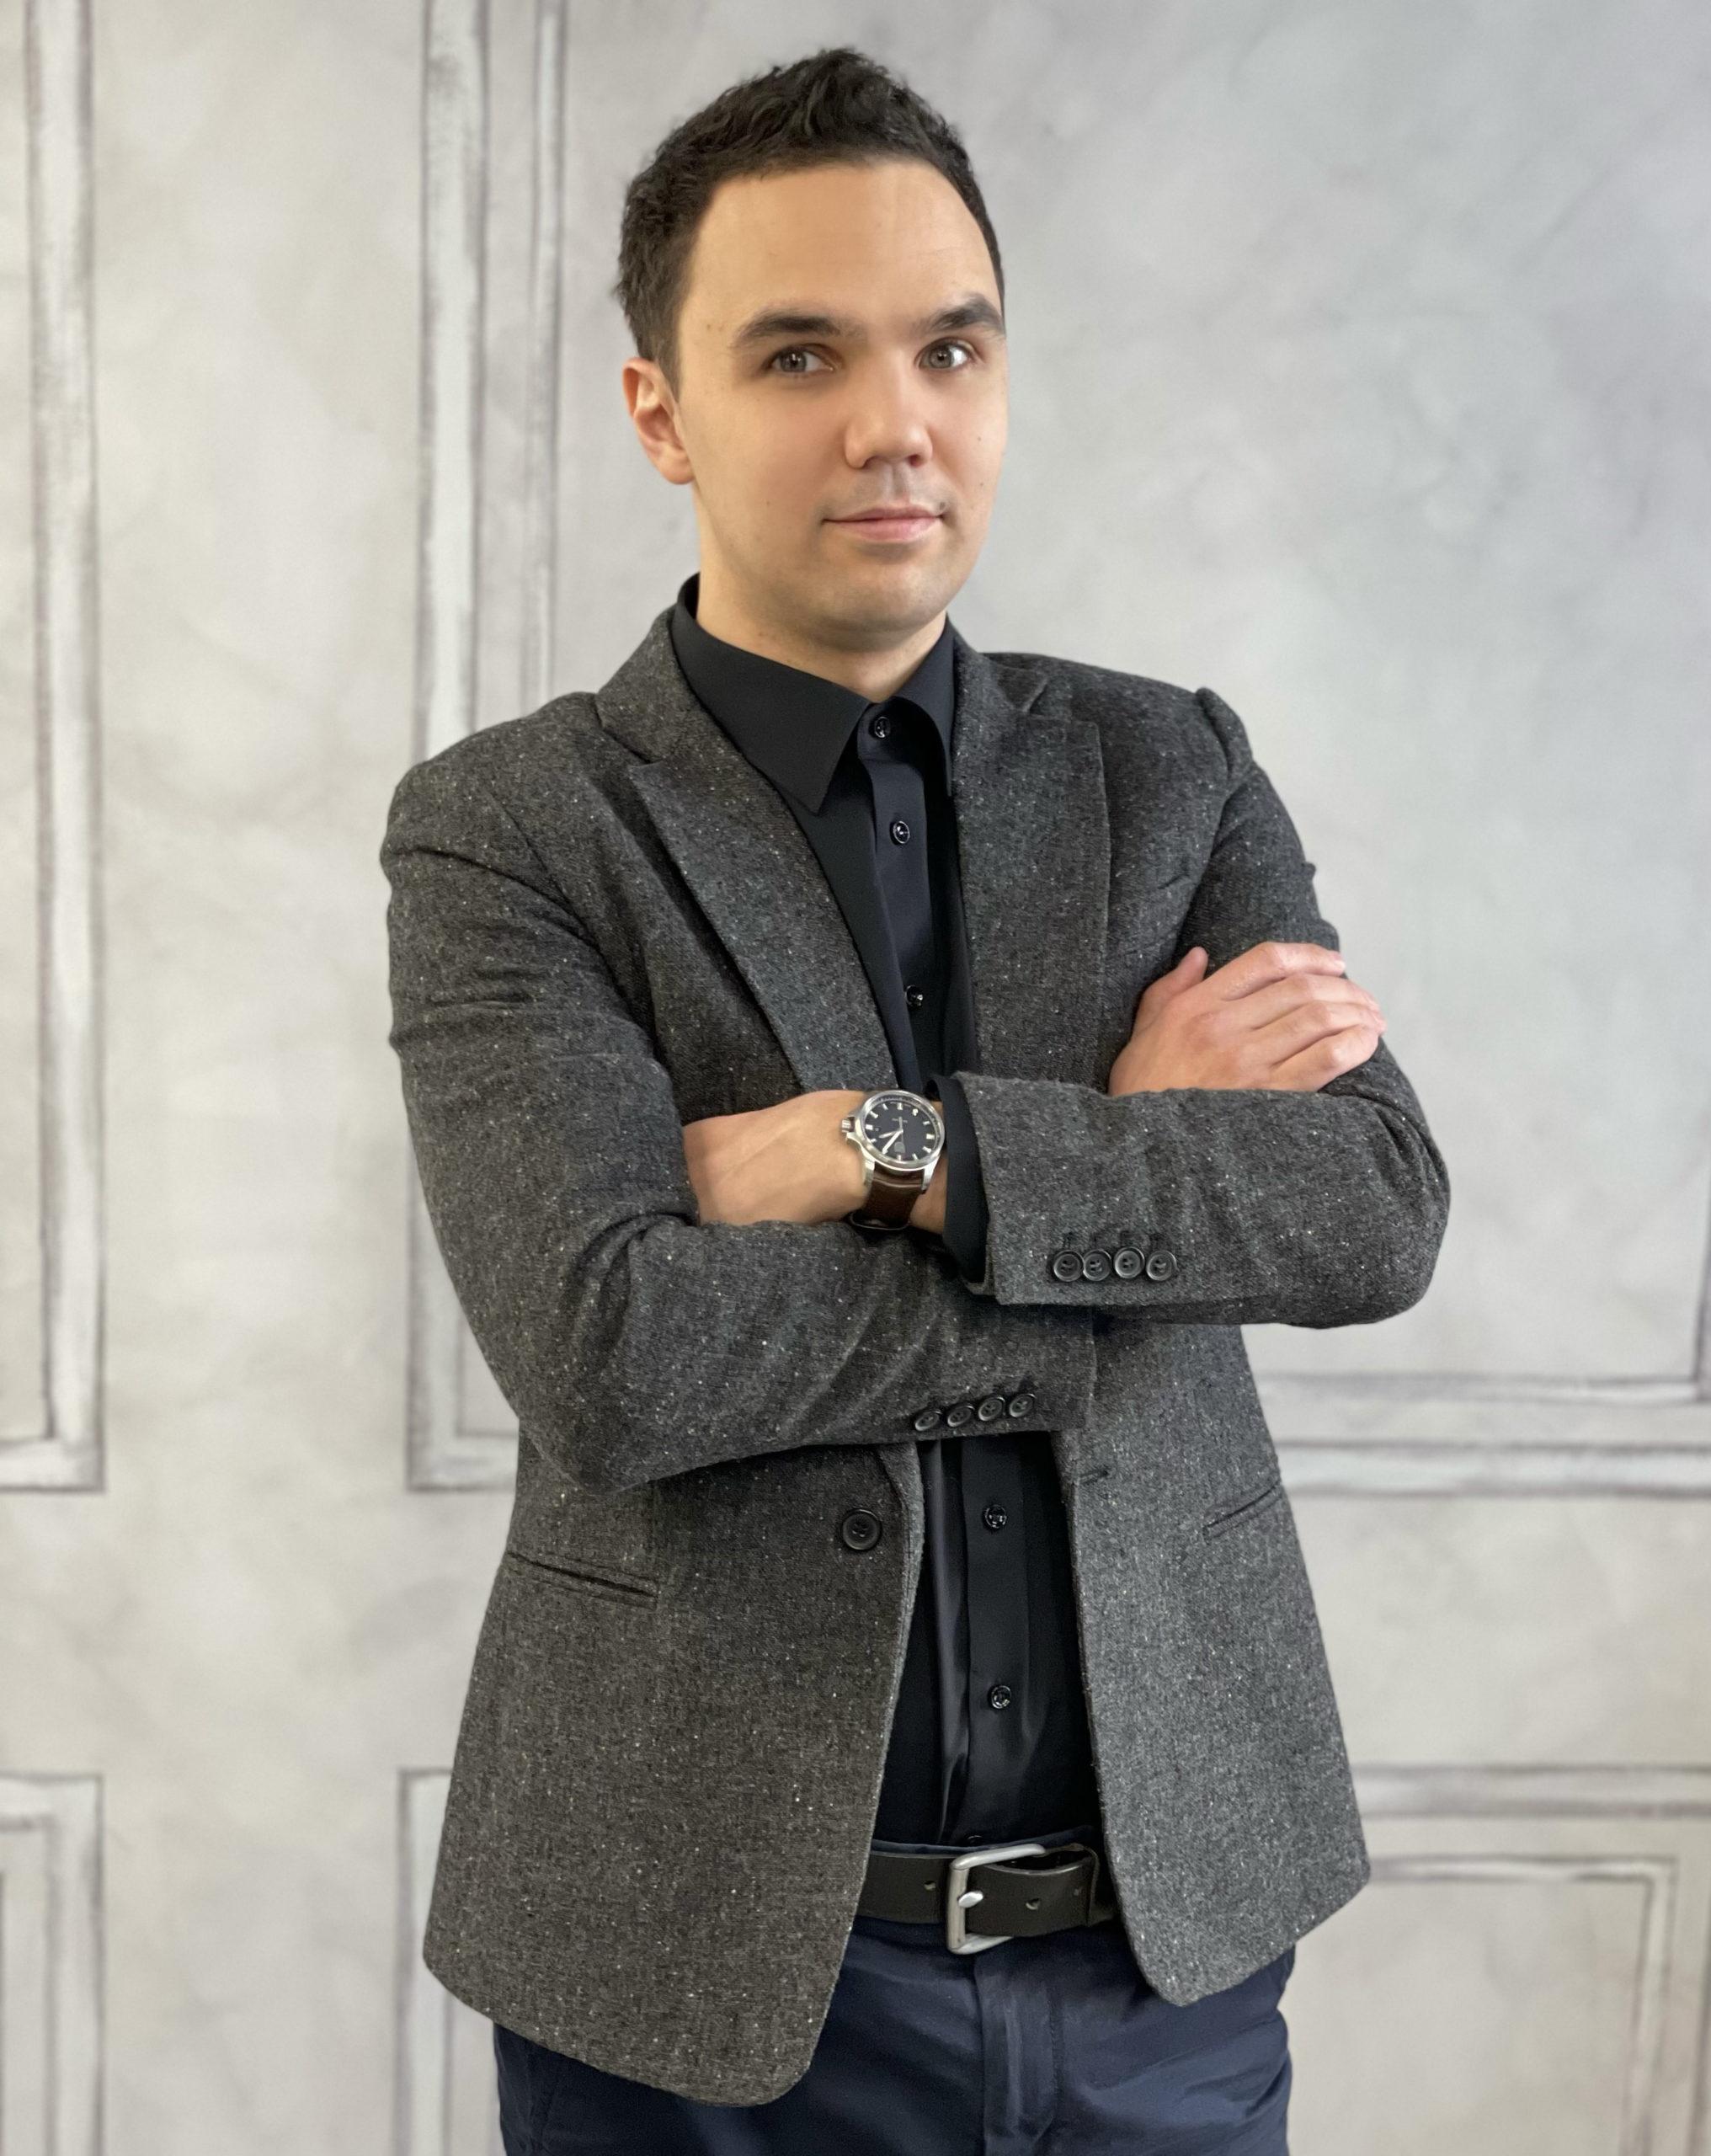 Макарчук Данил Валерьевич